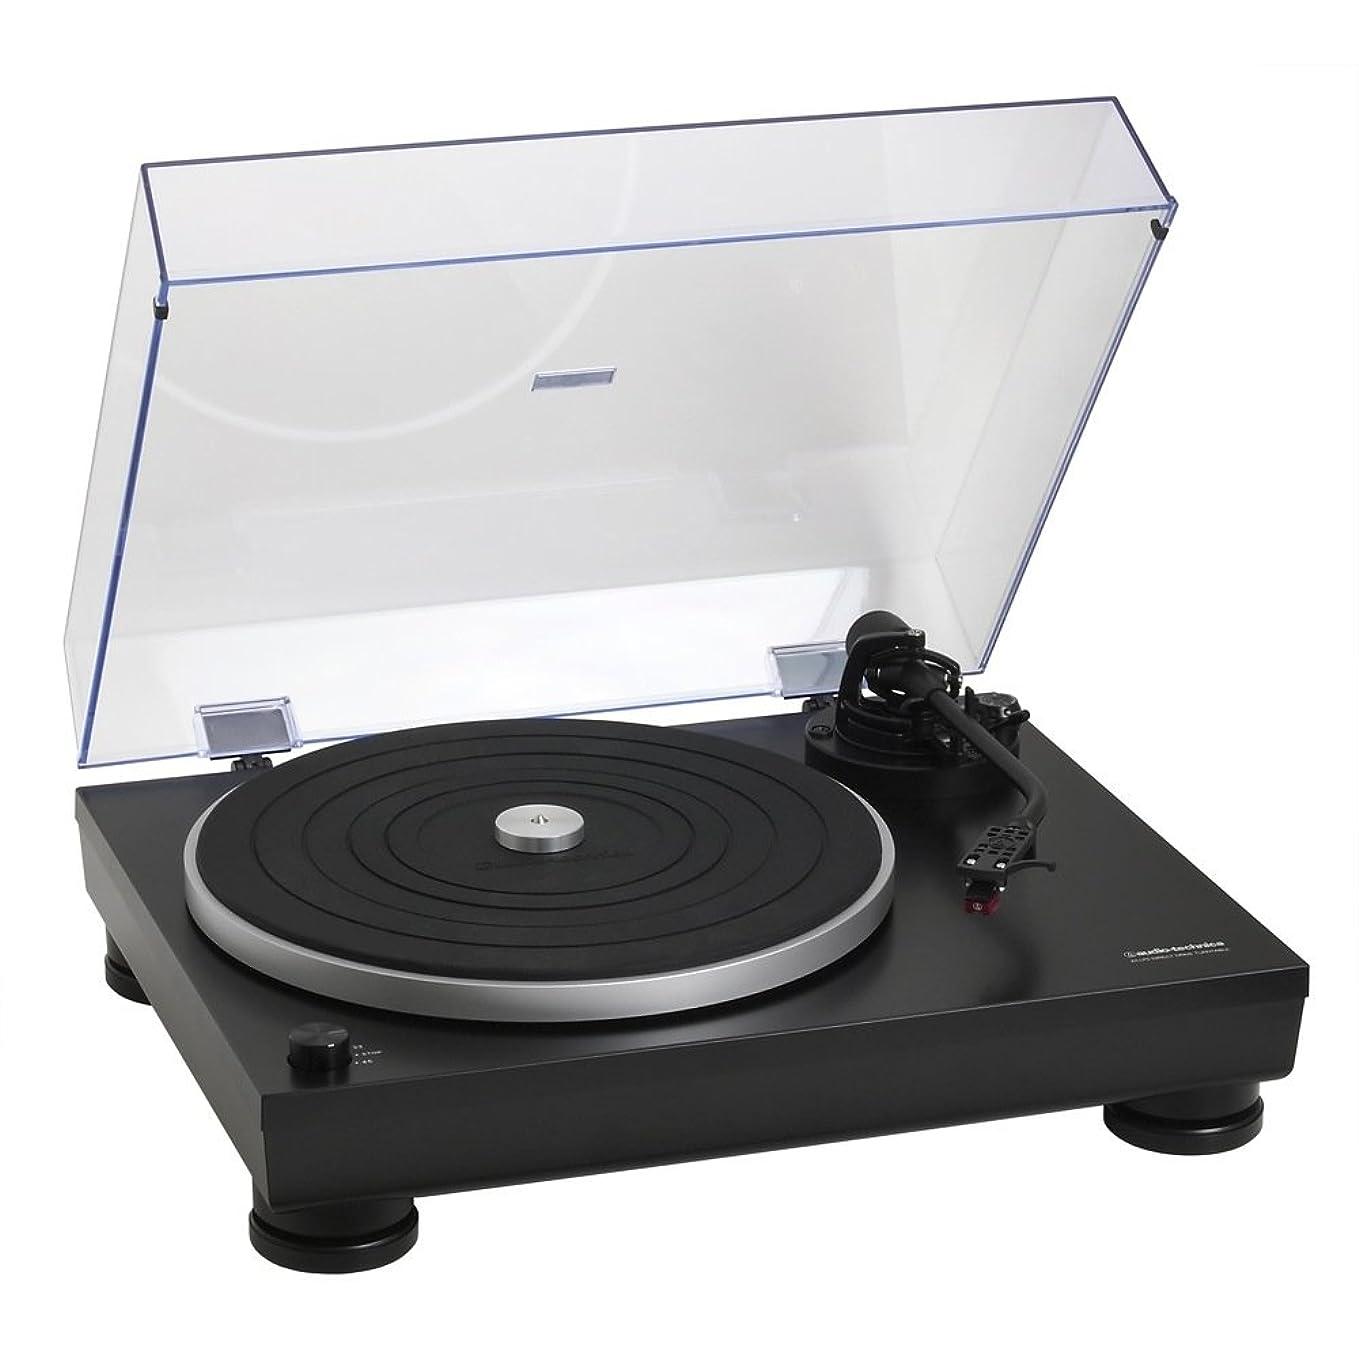 ビデオエスカレートあそこナガオカ レコード針クリーナー ハイクリーン801/2 交換針 AM8012